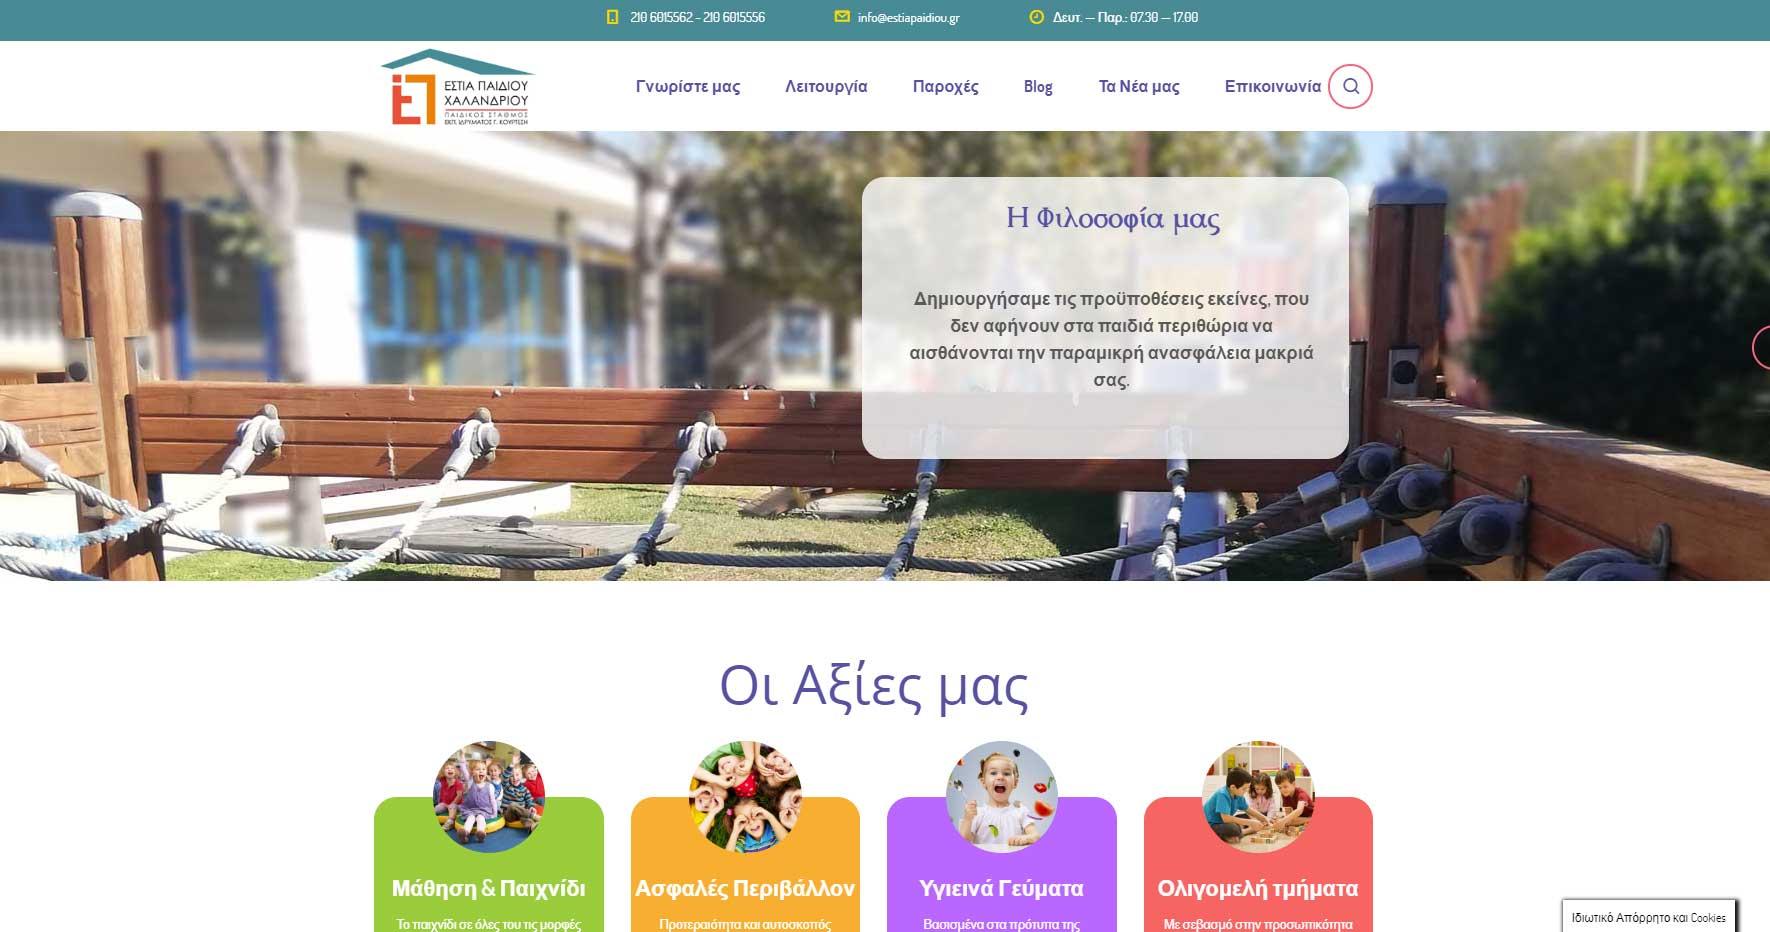 Πρότυπο όρων και προϋποθέσεων ιστότοπου